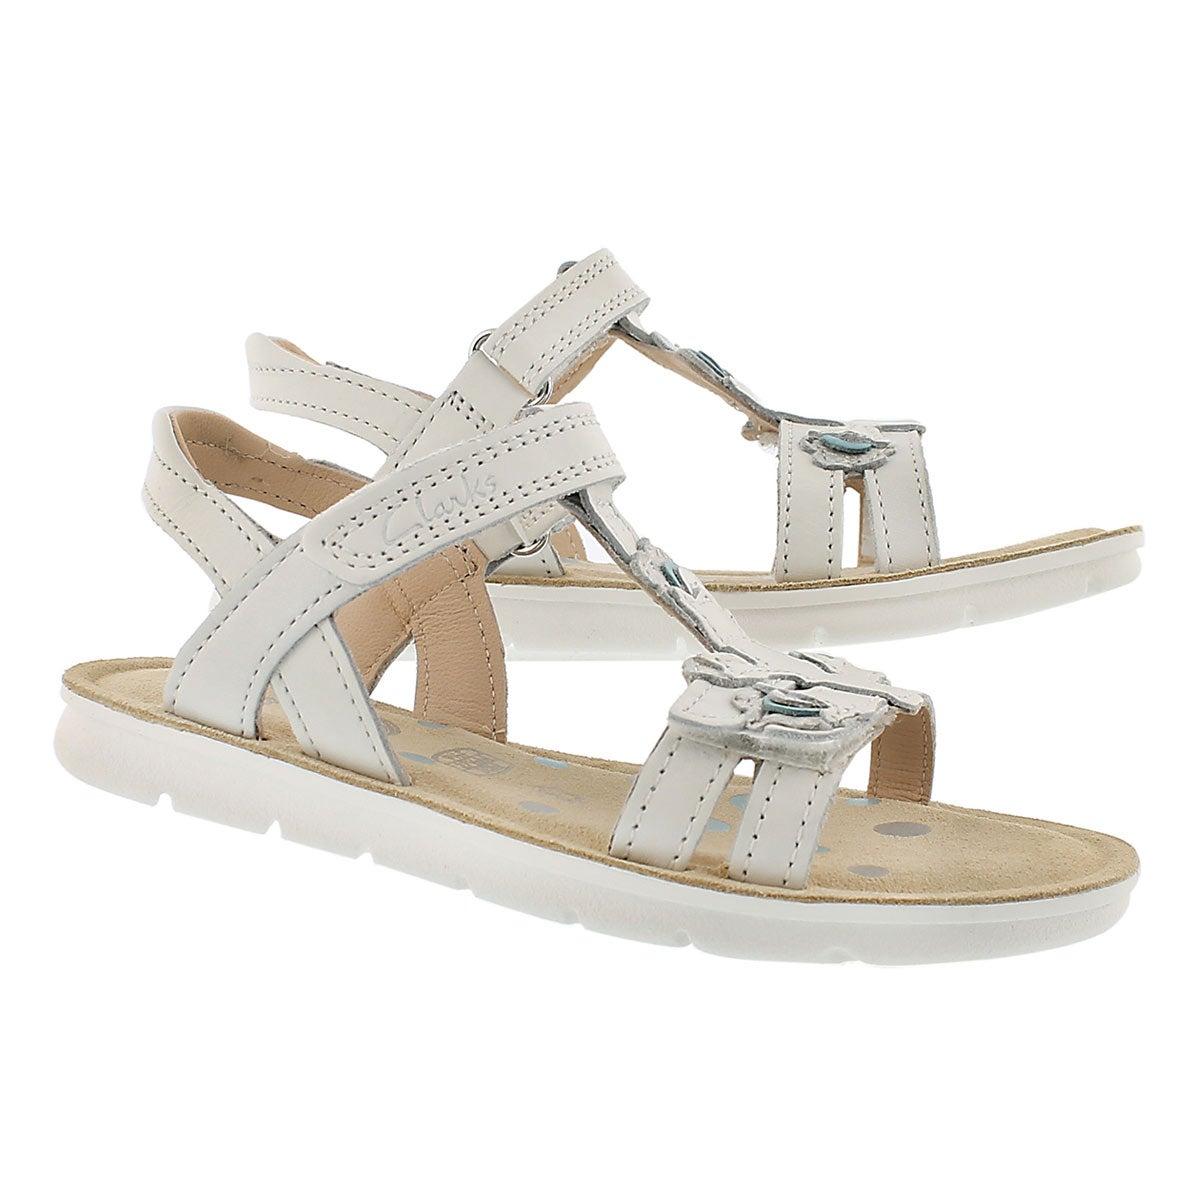 Grls Mimo Gracie white t-strap sandal